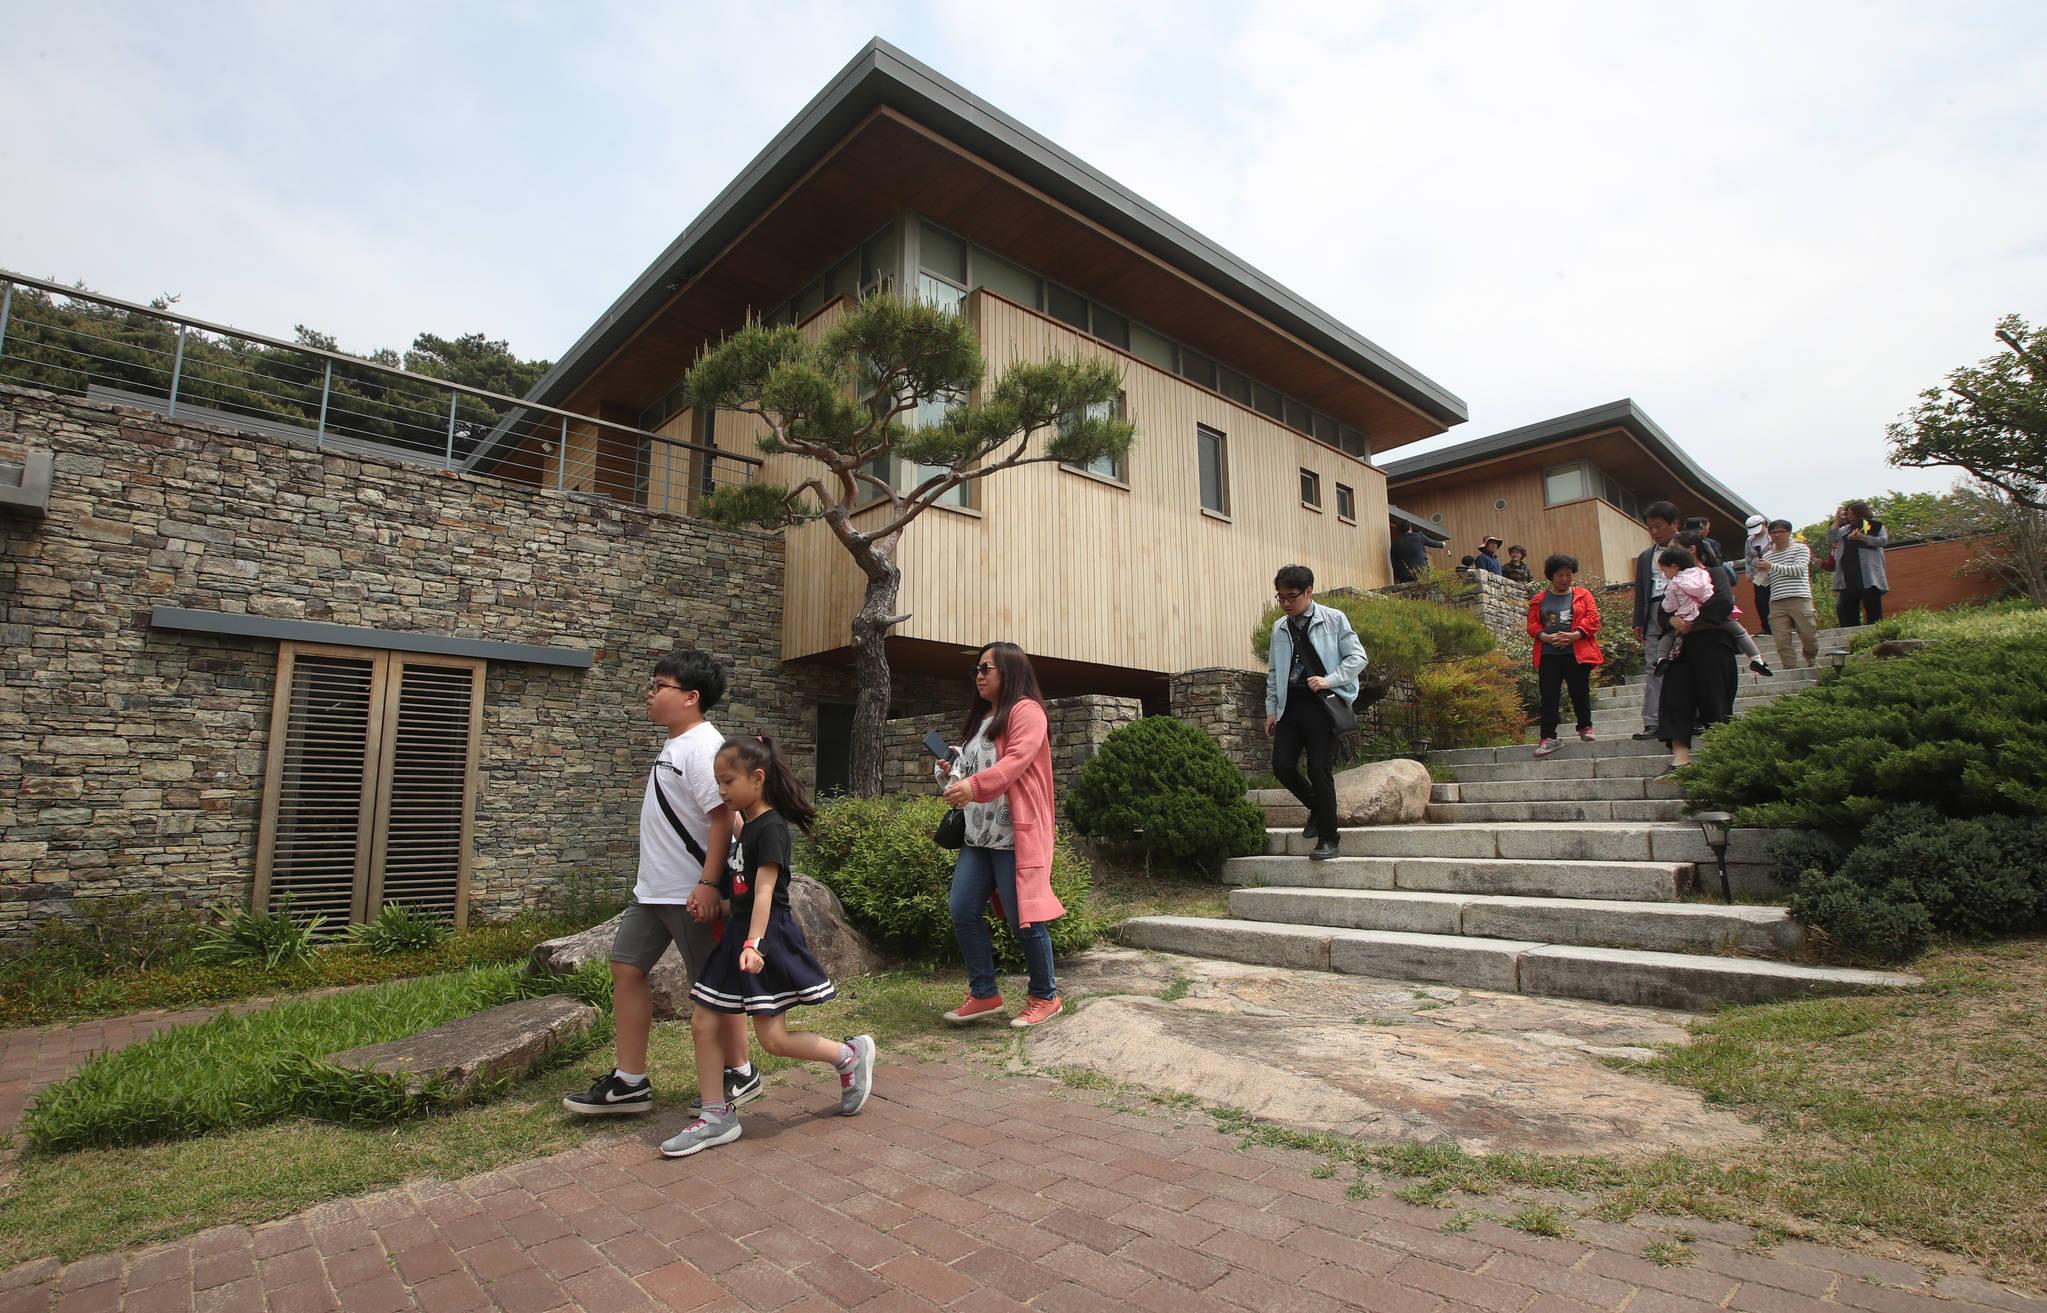 노무현재단은 고 노무현 전 대통령이 살았던 김해시 진영읍 봉하마을 사저인 '대통령의 집'을 1일 일반 시민들에게 공개했다. 송봉근 기자